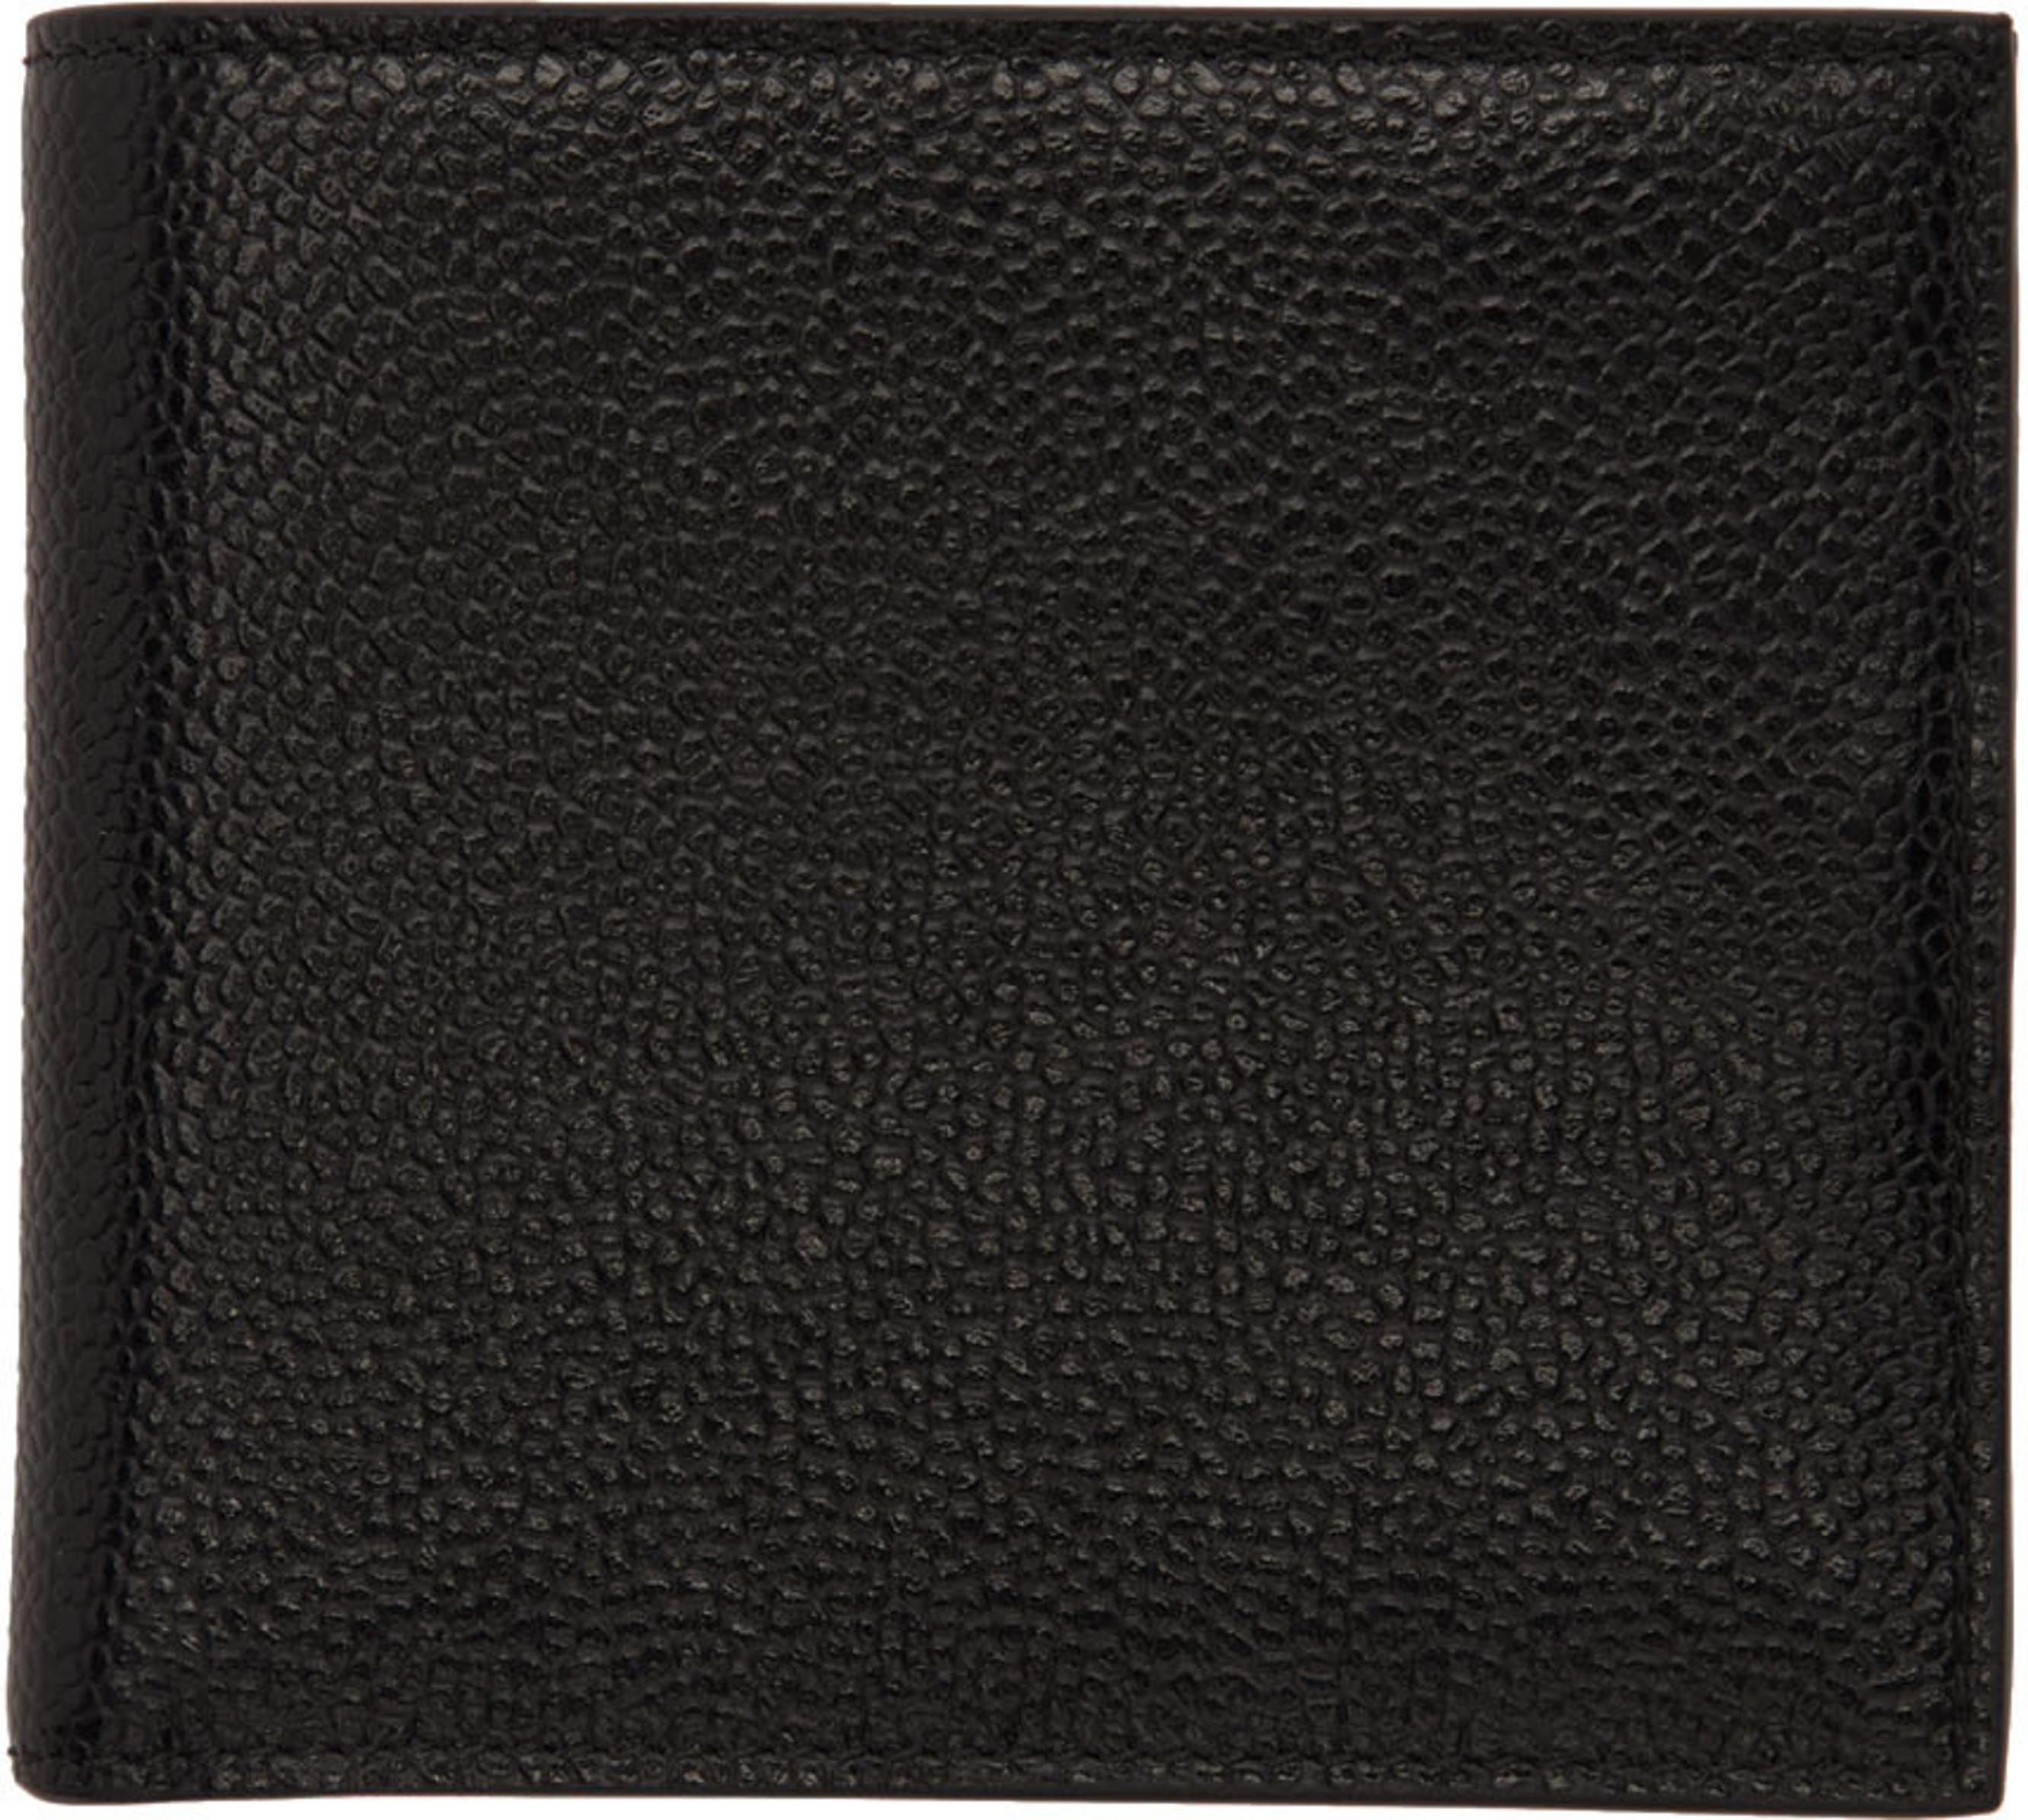 d0aae8cfe5 Designer wallets & card holders for Men | SSENSE